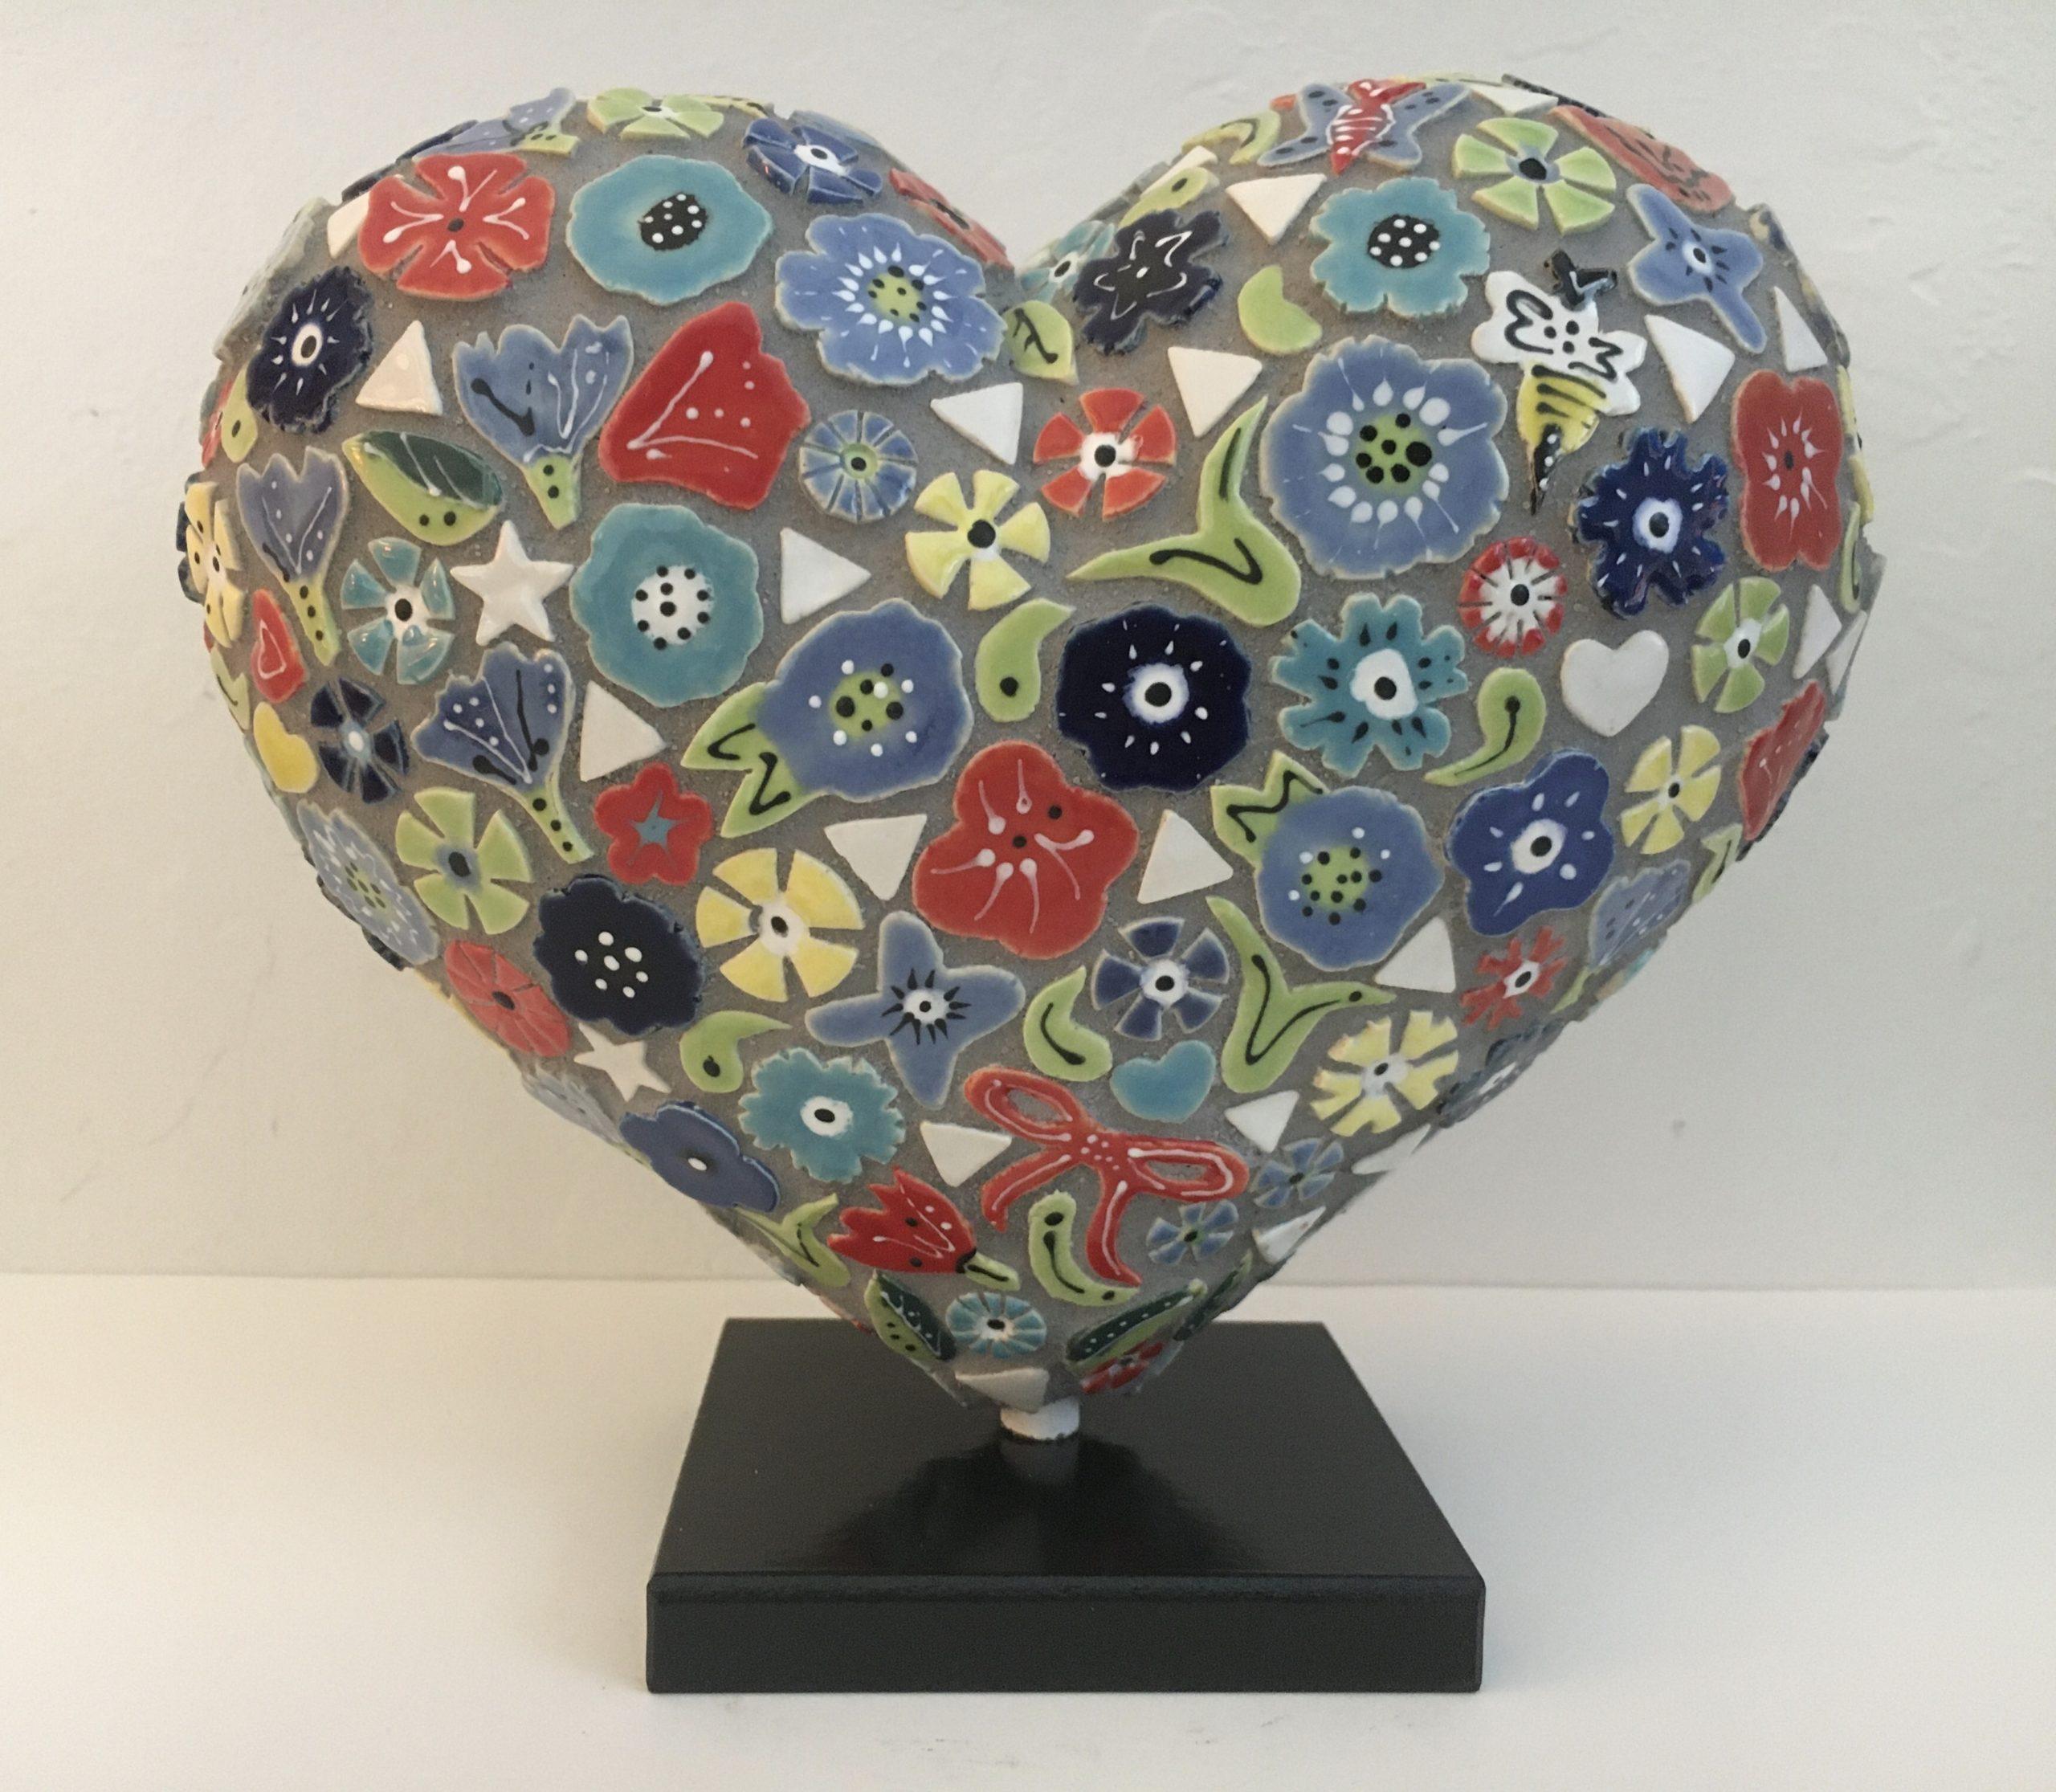 mosaic heart sculpture